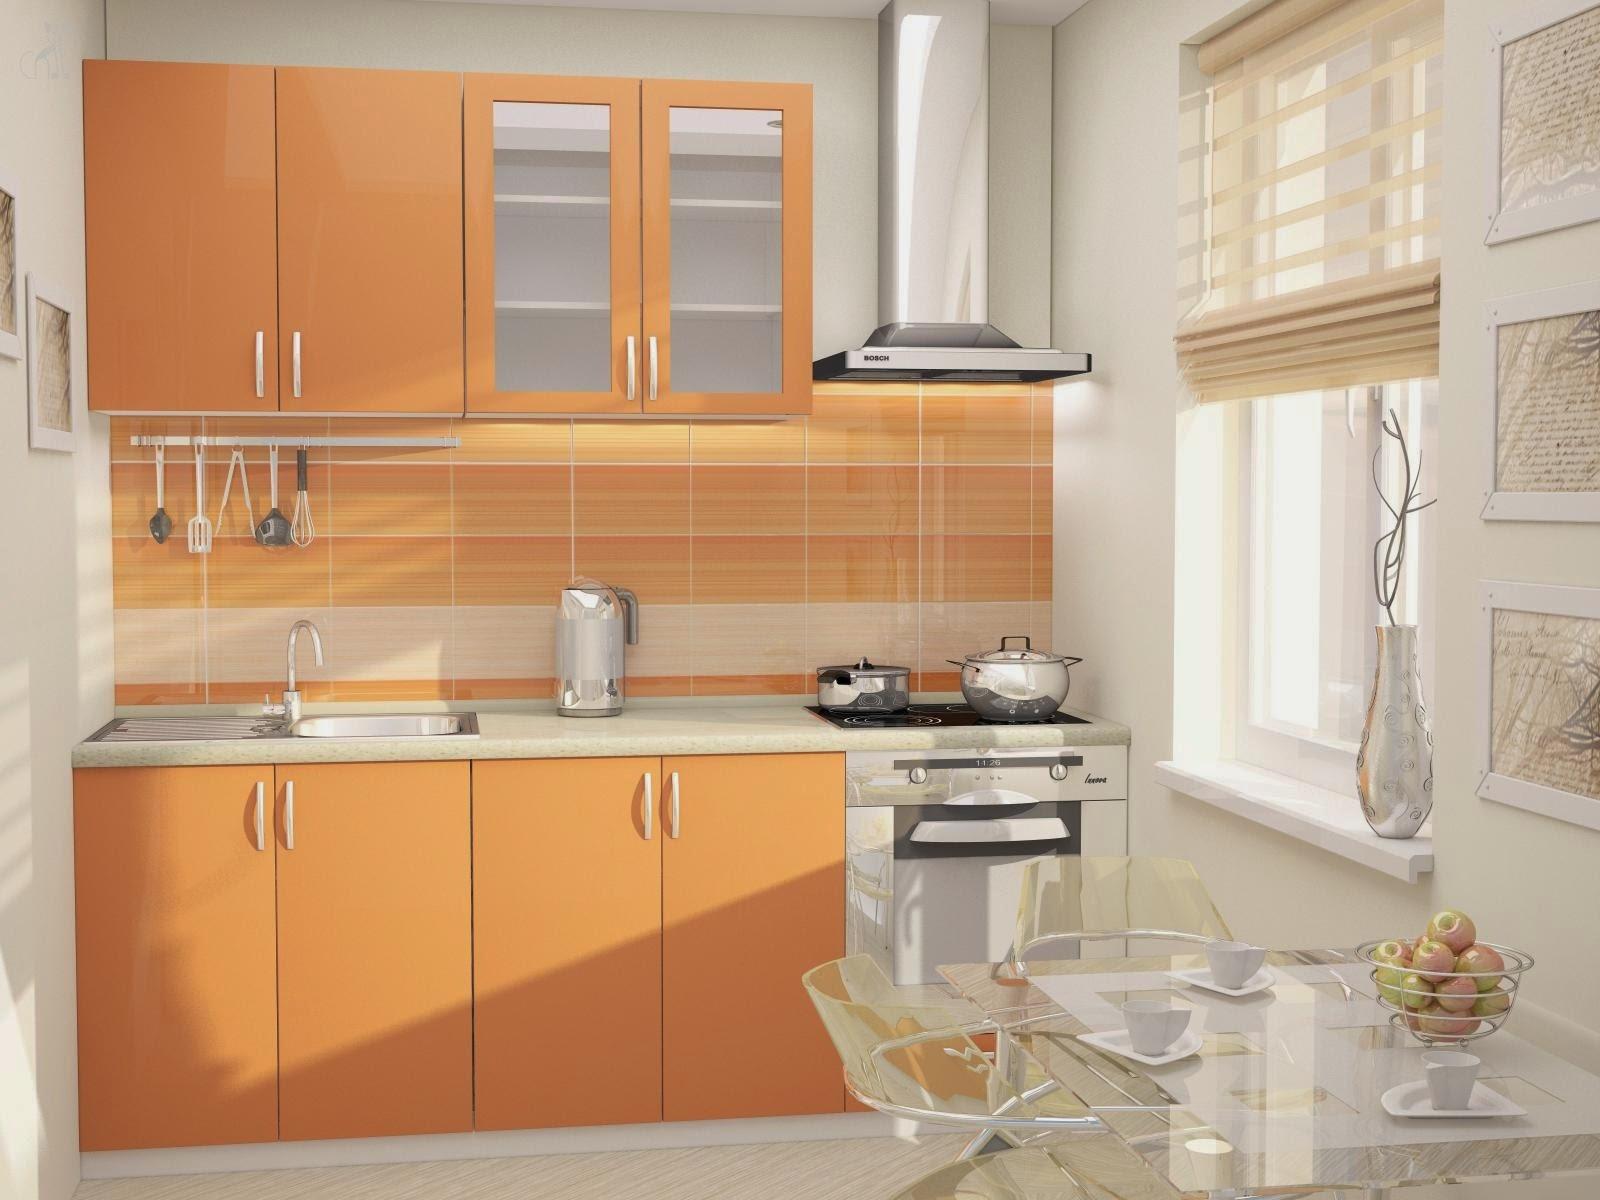 Кухонный напольный шкаф (67 фото): высота шкафа для посуды д.